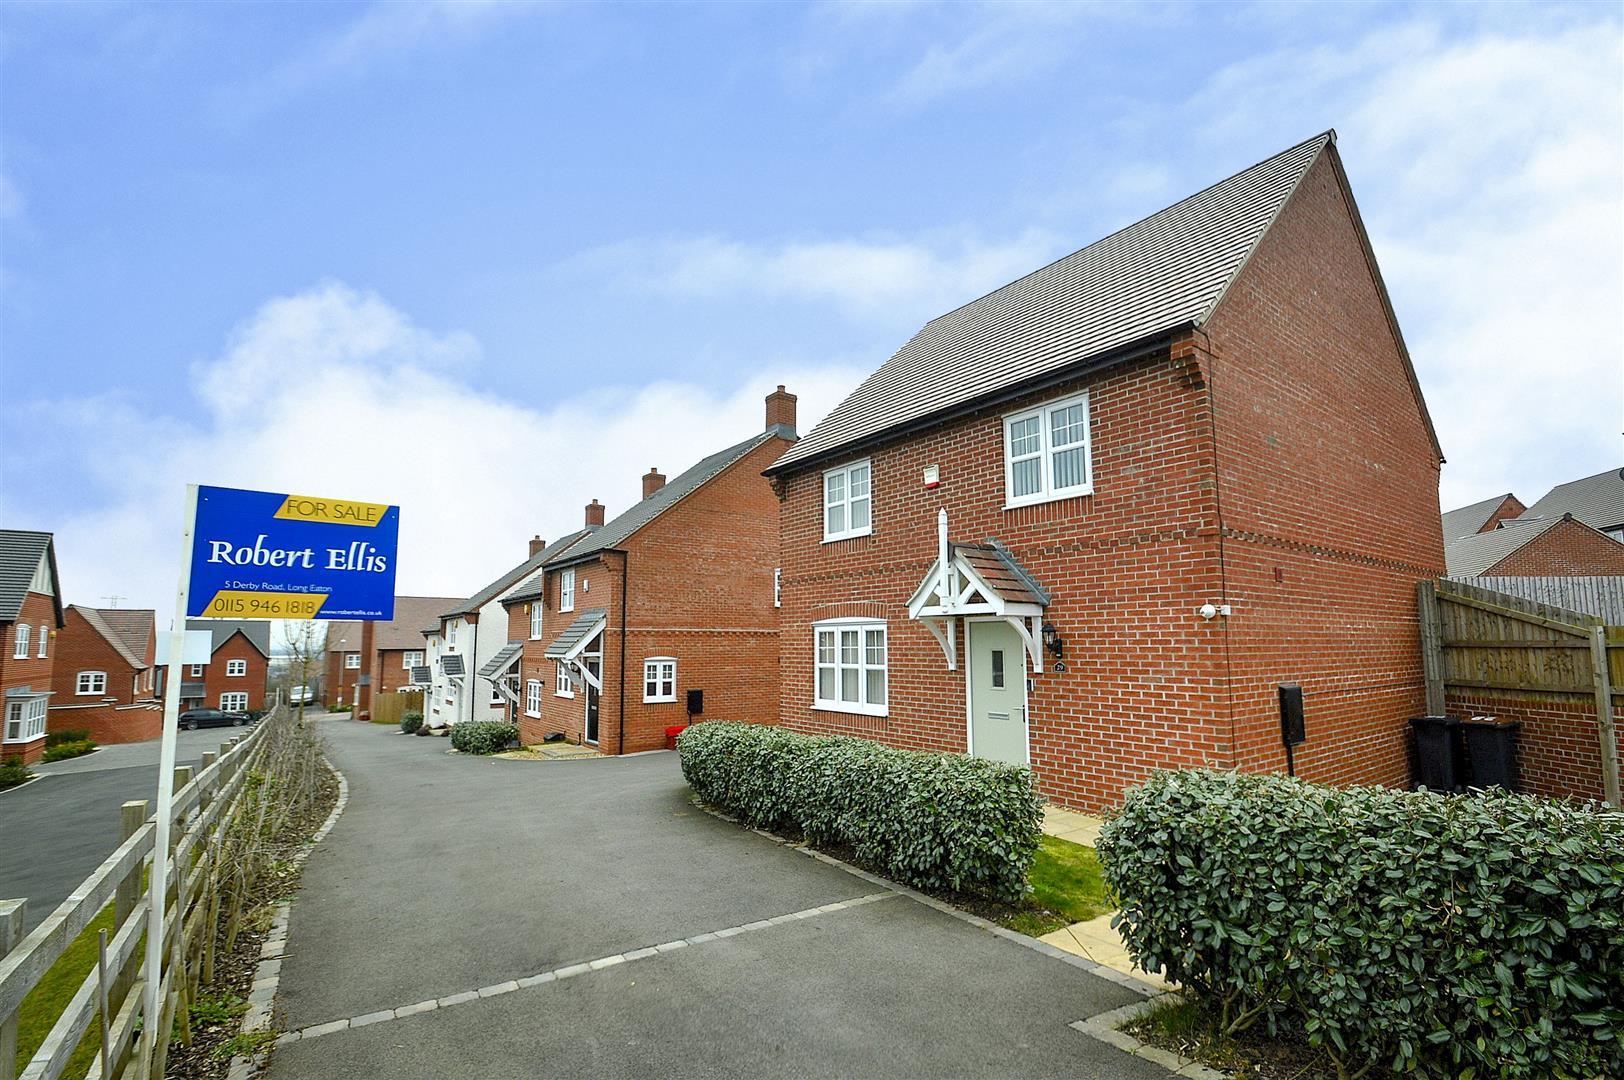 4 Bedrooms Detached House for sale in Argonaut Avenue, Castle Donington